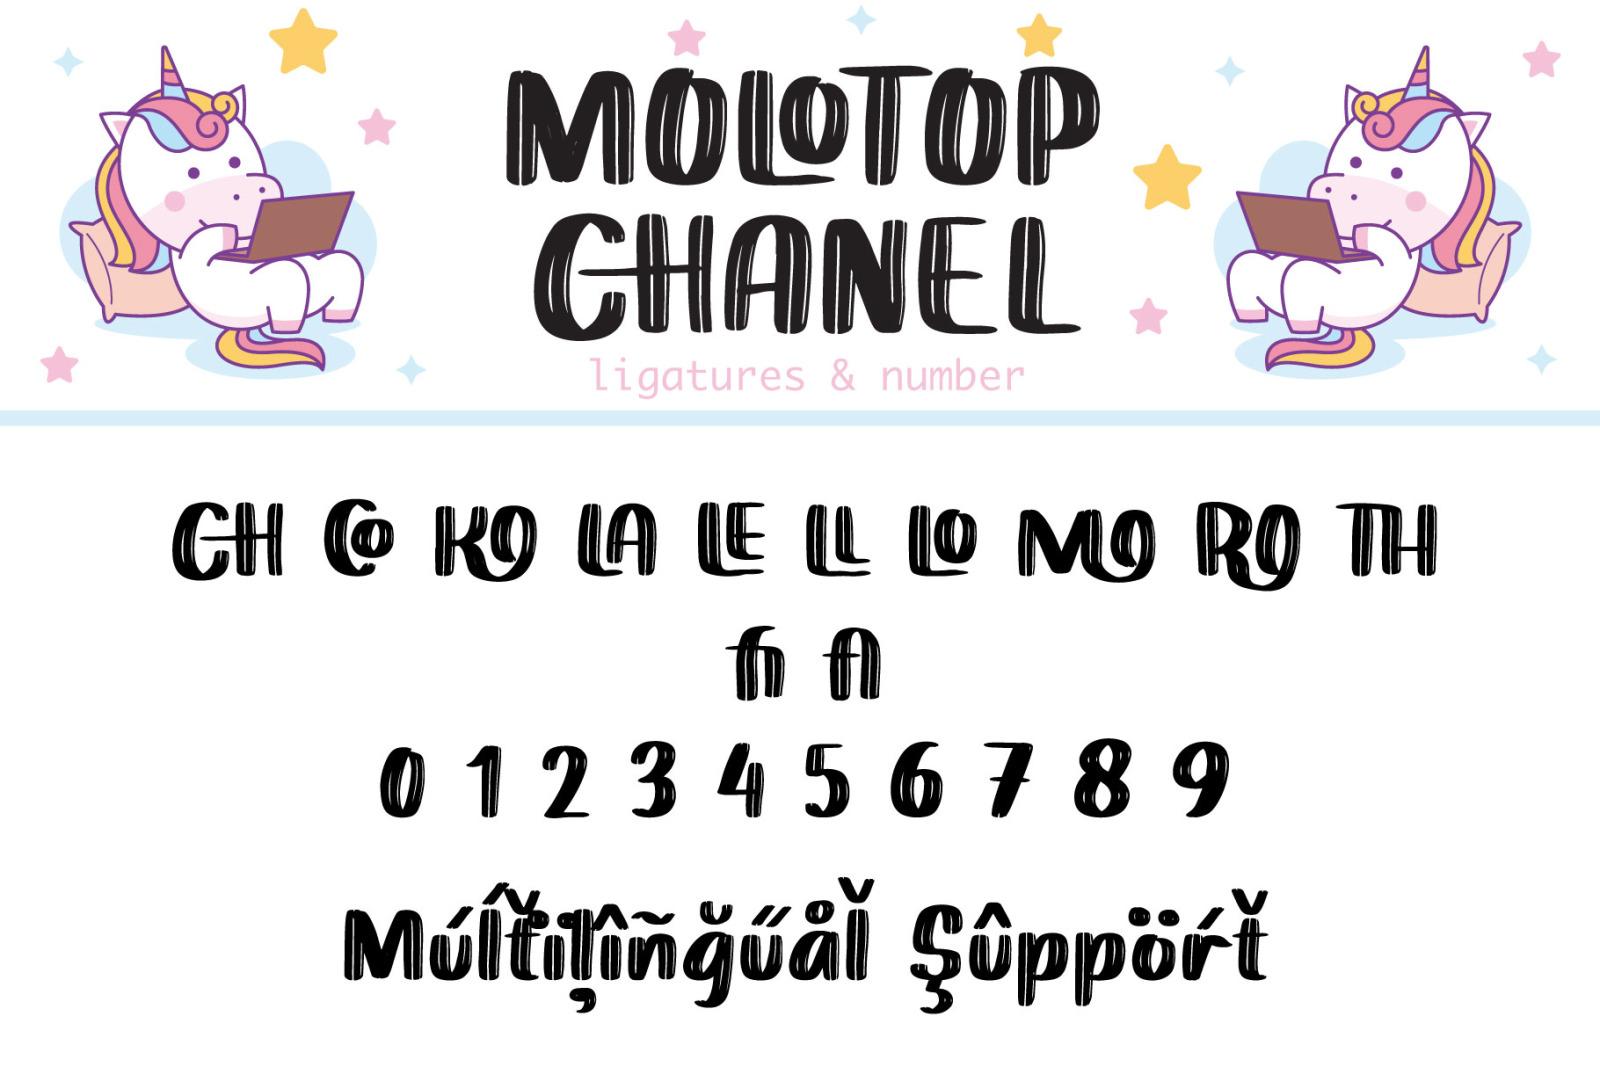 Molotop Chanel